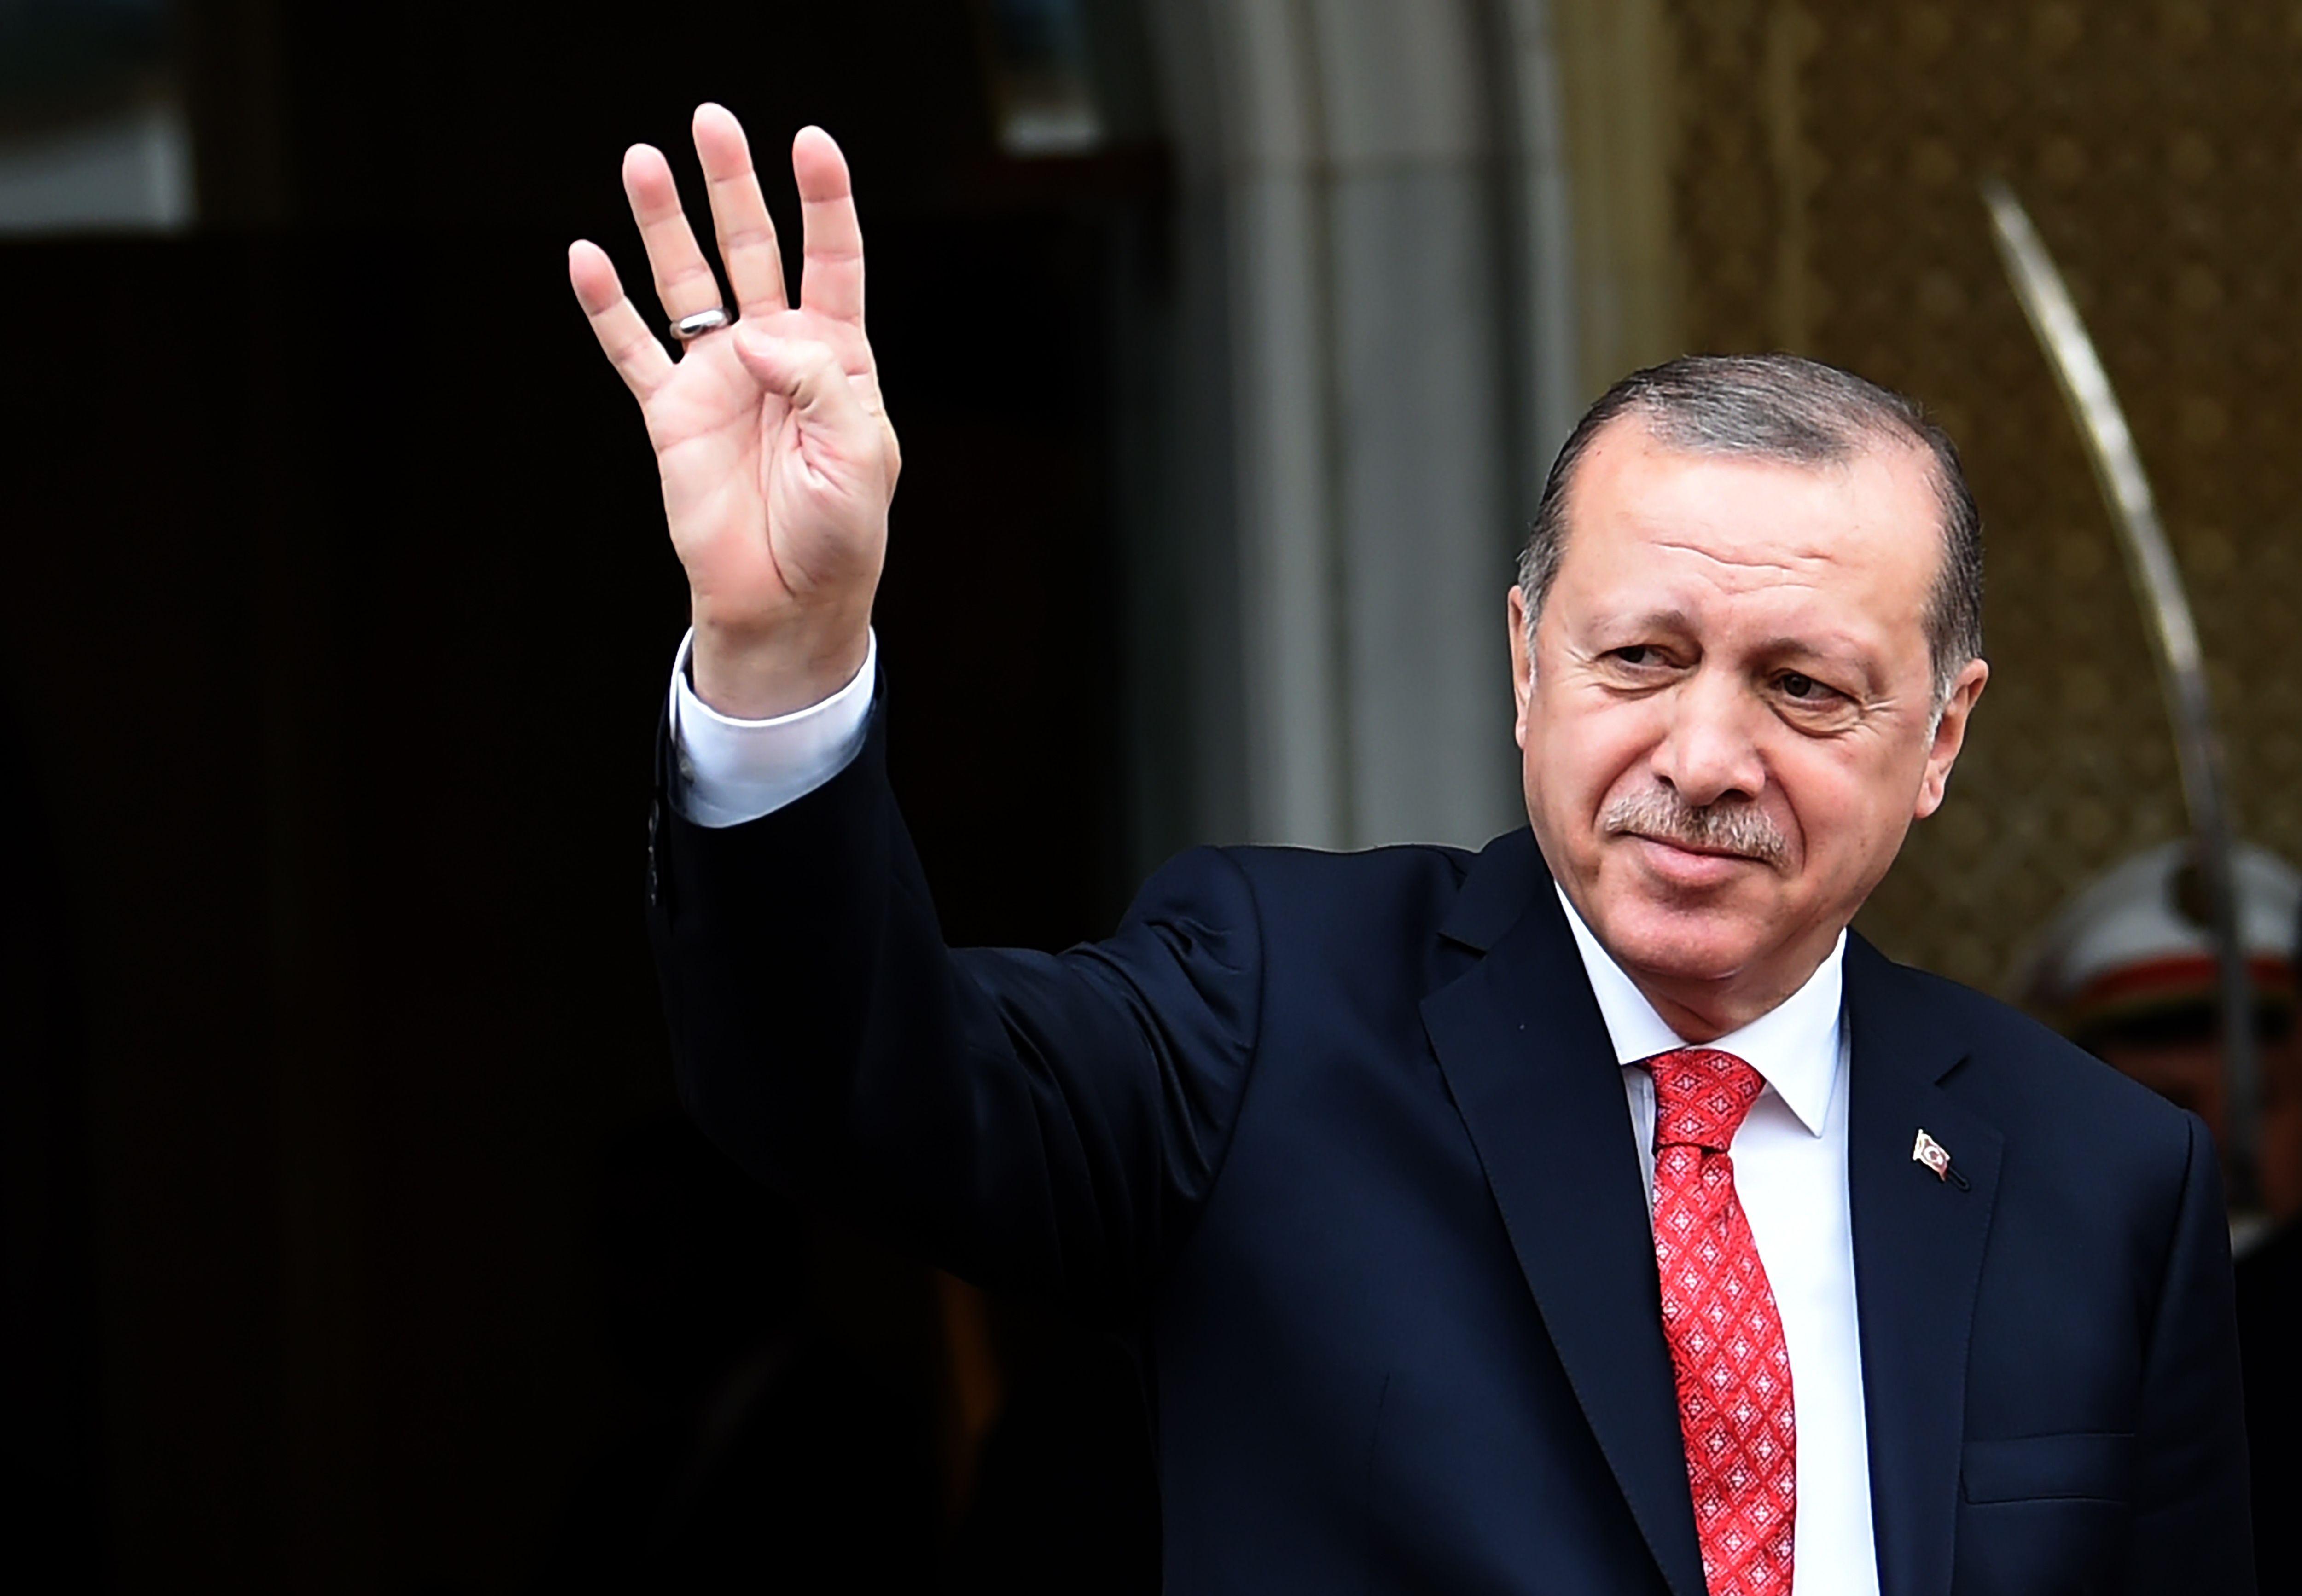 Presidente turco ligou ao Papa para falar sobre Jerusalém — Vaticano